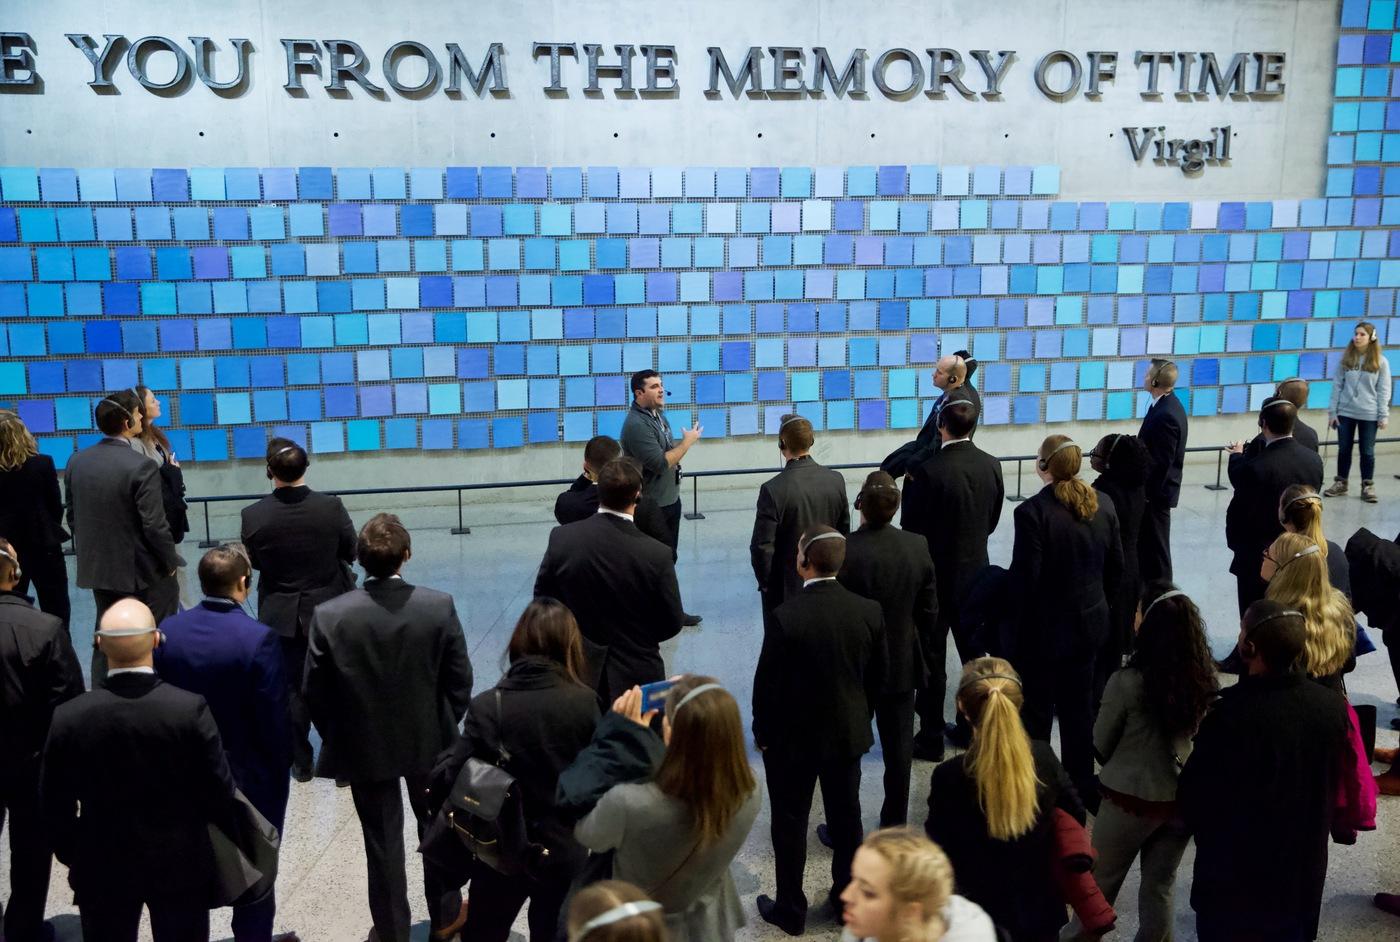 9/11 Memorial & Museum Honored